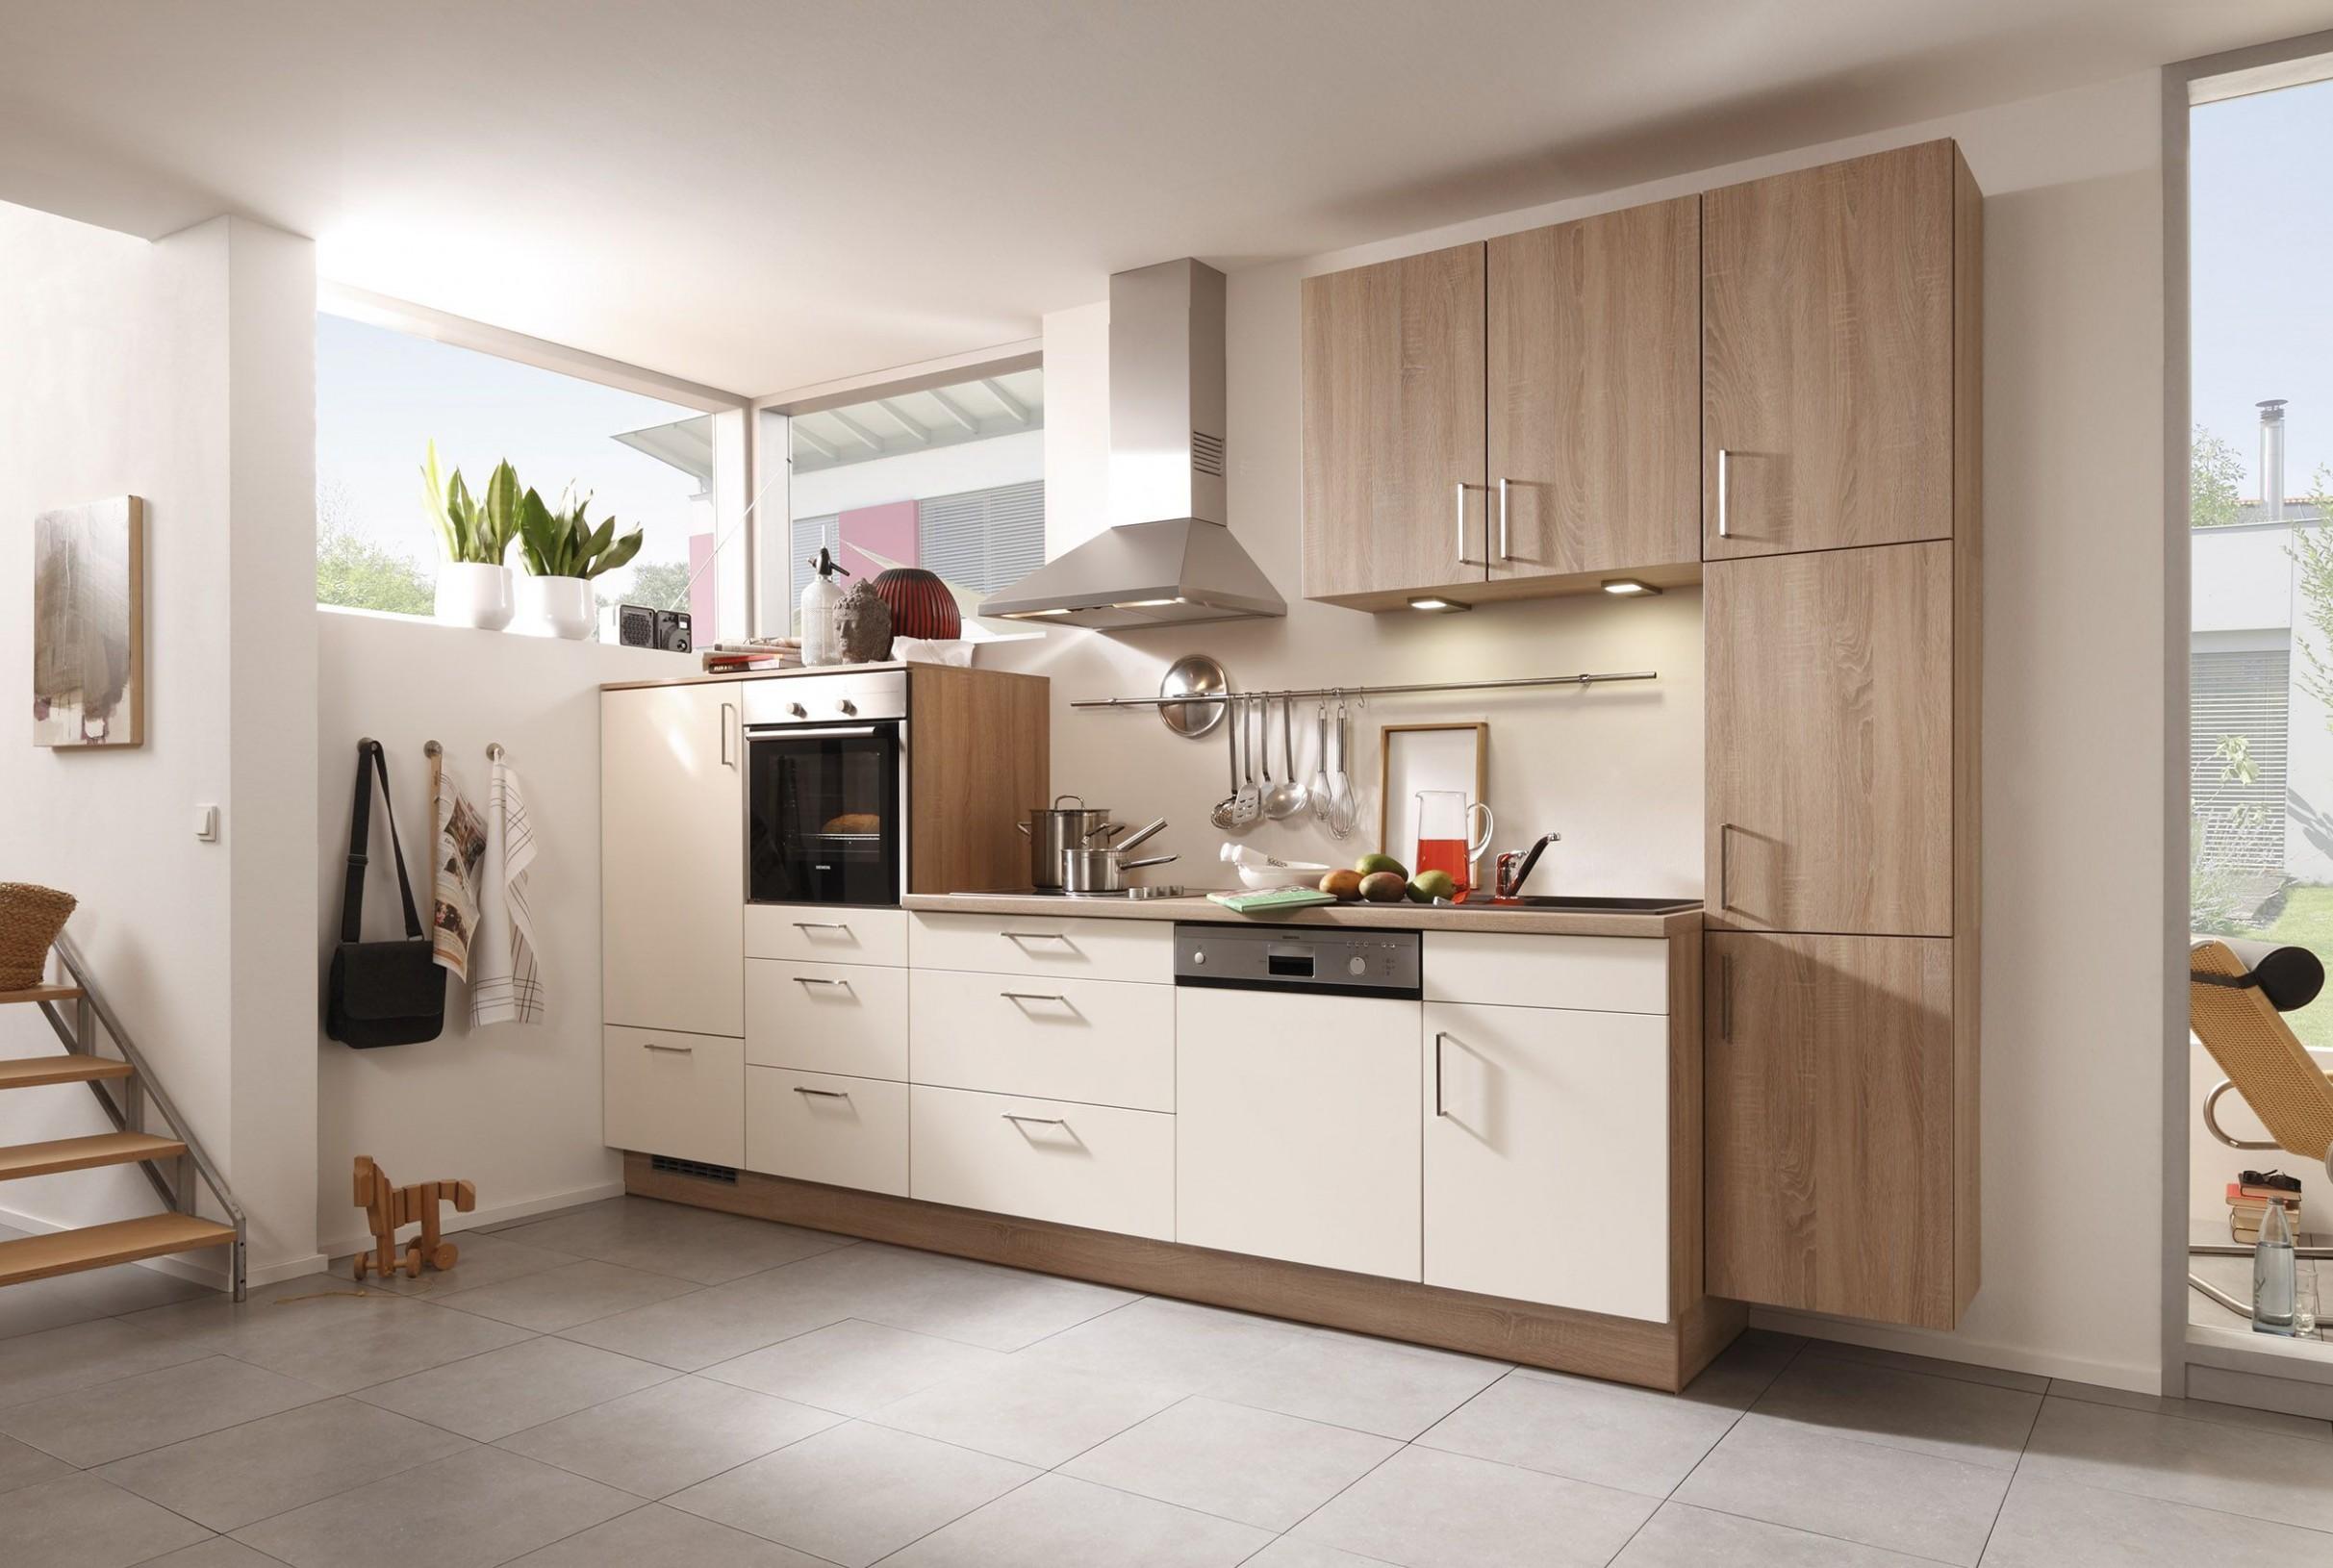 Kuchyne v Paneláku